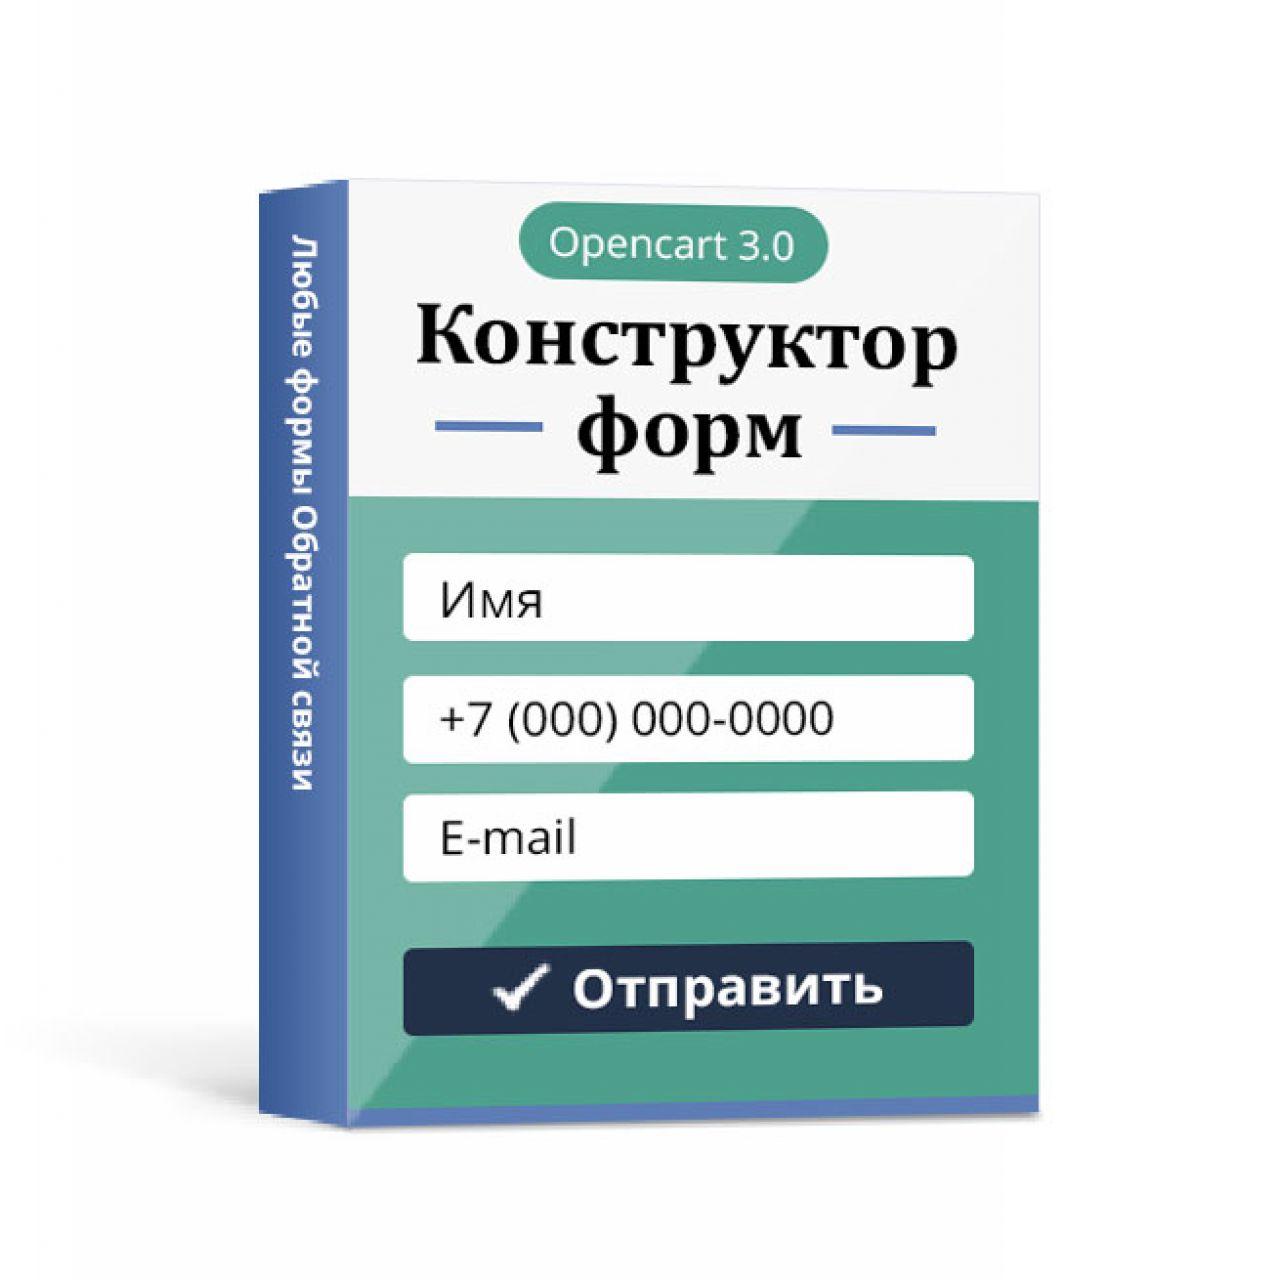 Конструктор форм обратной связи opencart 3 из категории Письма, почта, sms для CMS OpenCart (ОпенКарт)